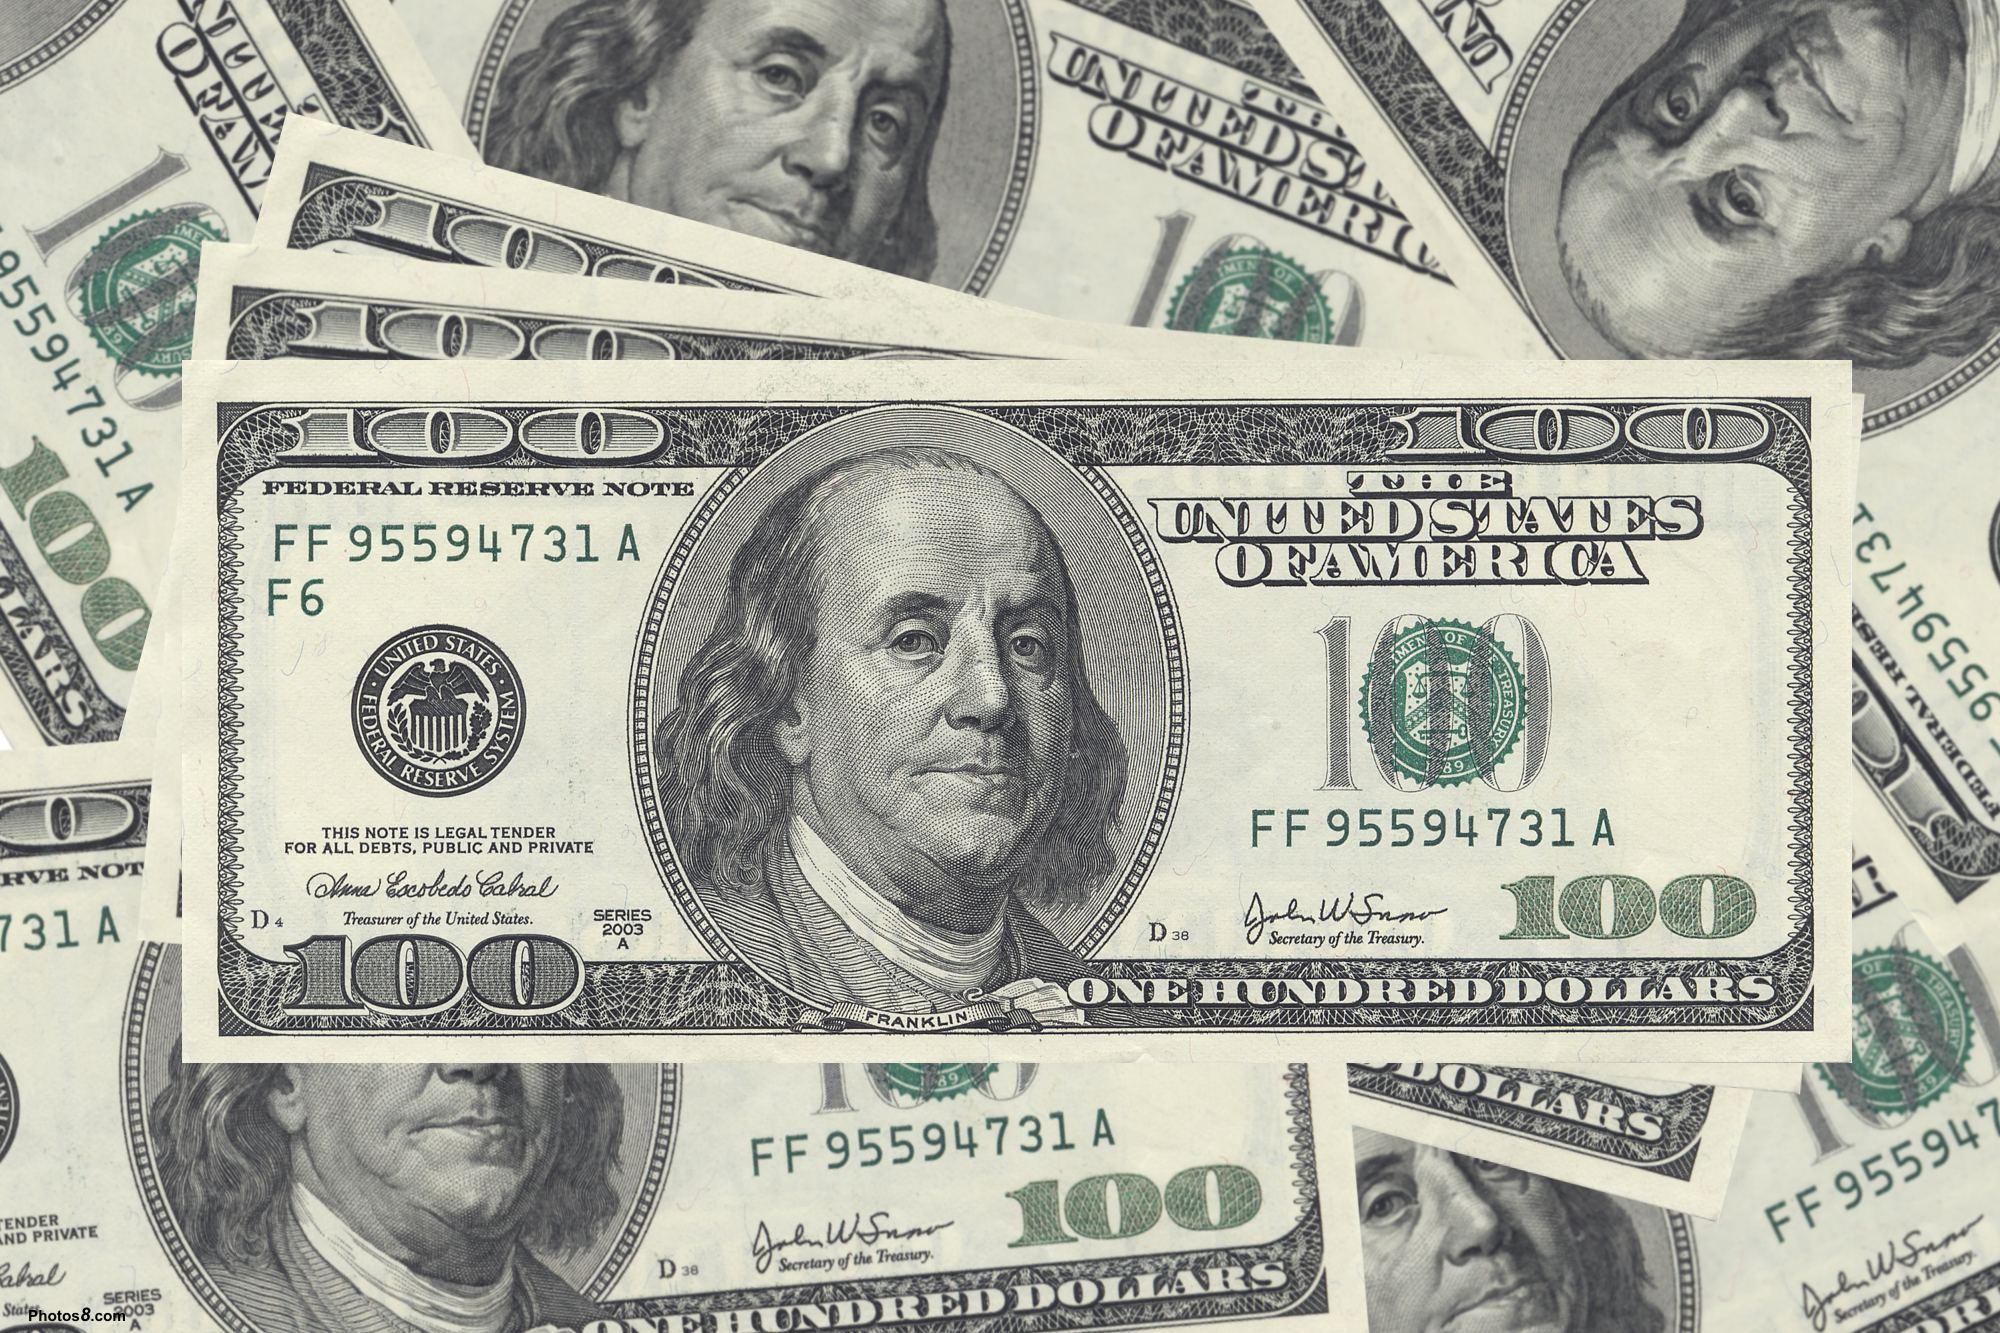 目前新元利率比美元还低,理论上会产生套利的行为,即借低息的新元而买高息的美元。但这一类的套息行为并没有使到新元兑美元贬值。理论上港元与美元挂钩,港元利率应该与美元一样。但近年来港元利率的确比美元低